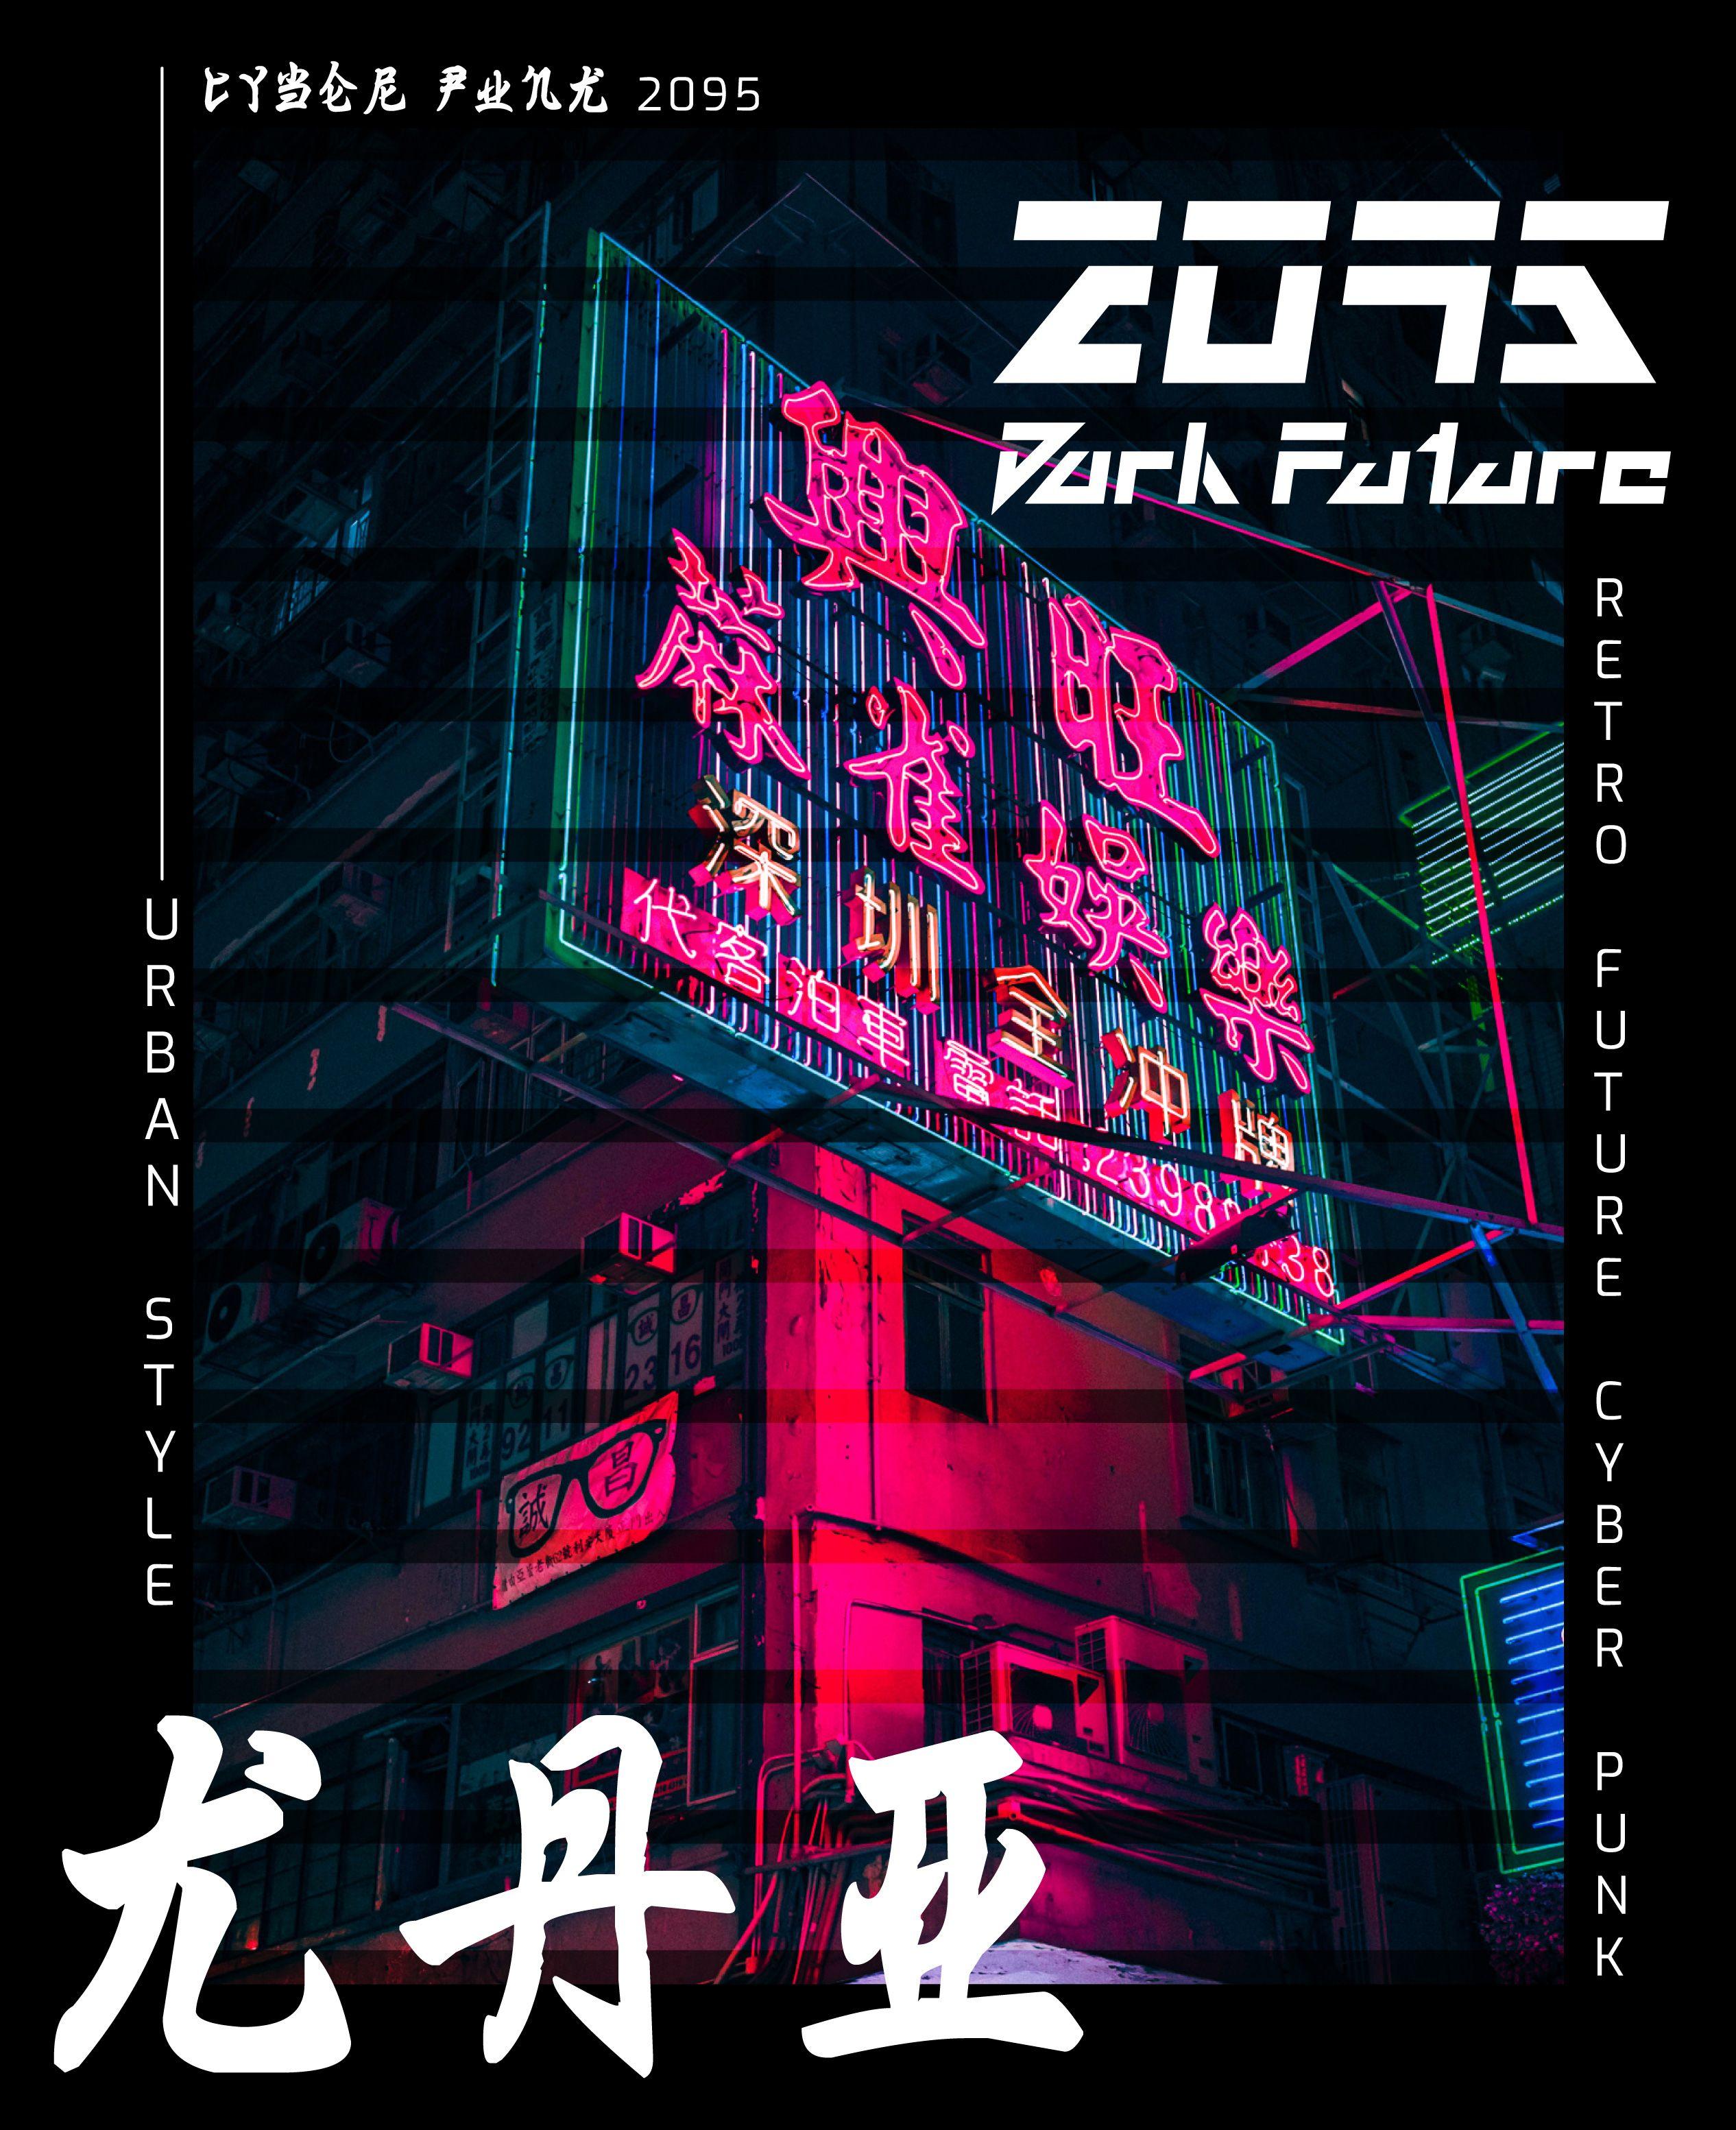 27+ Anime girl neon light trends